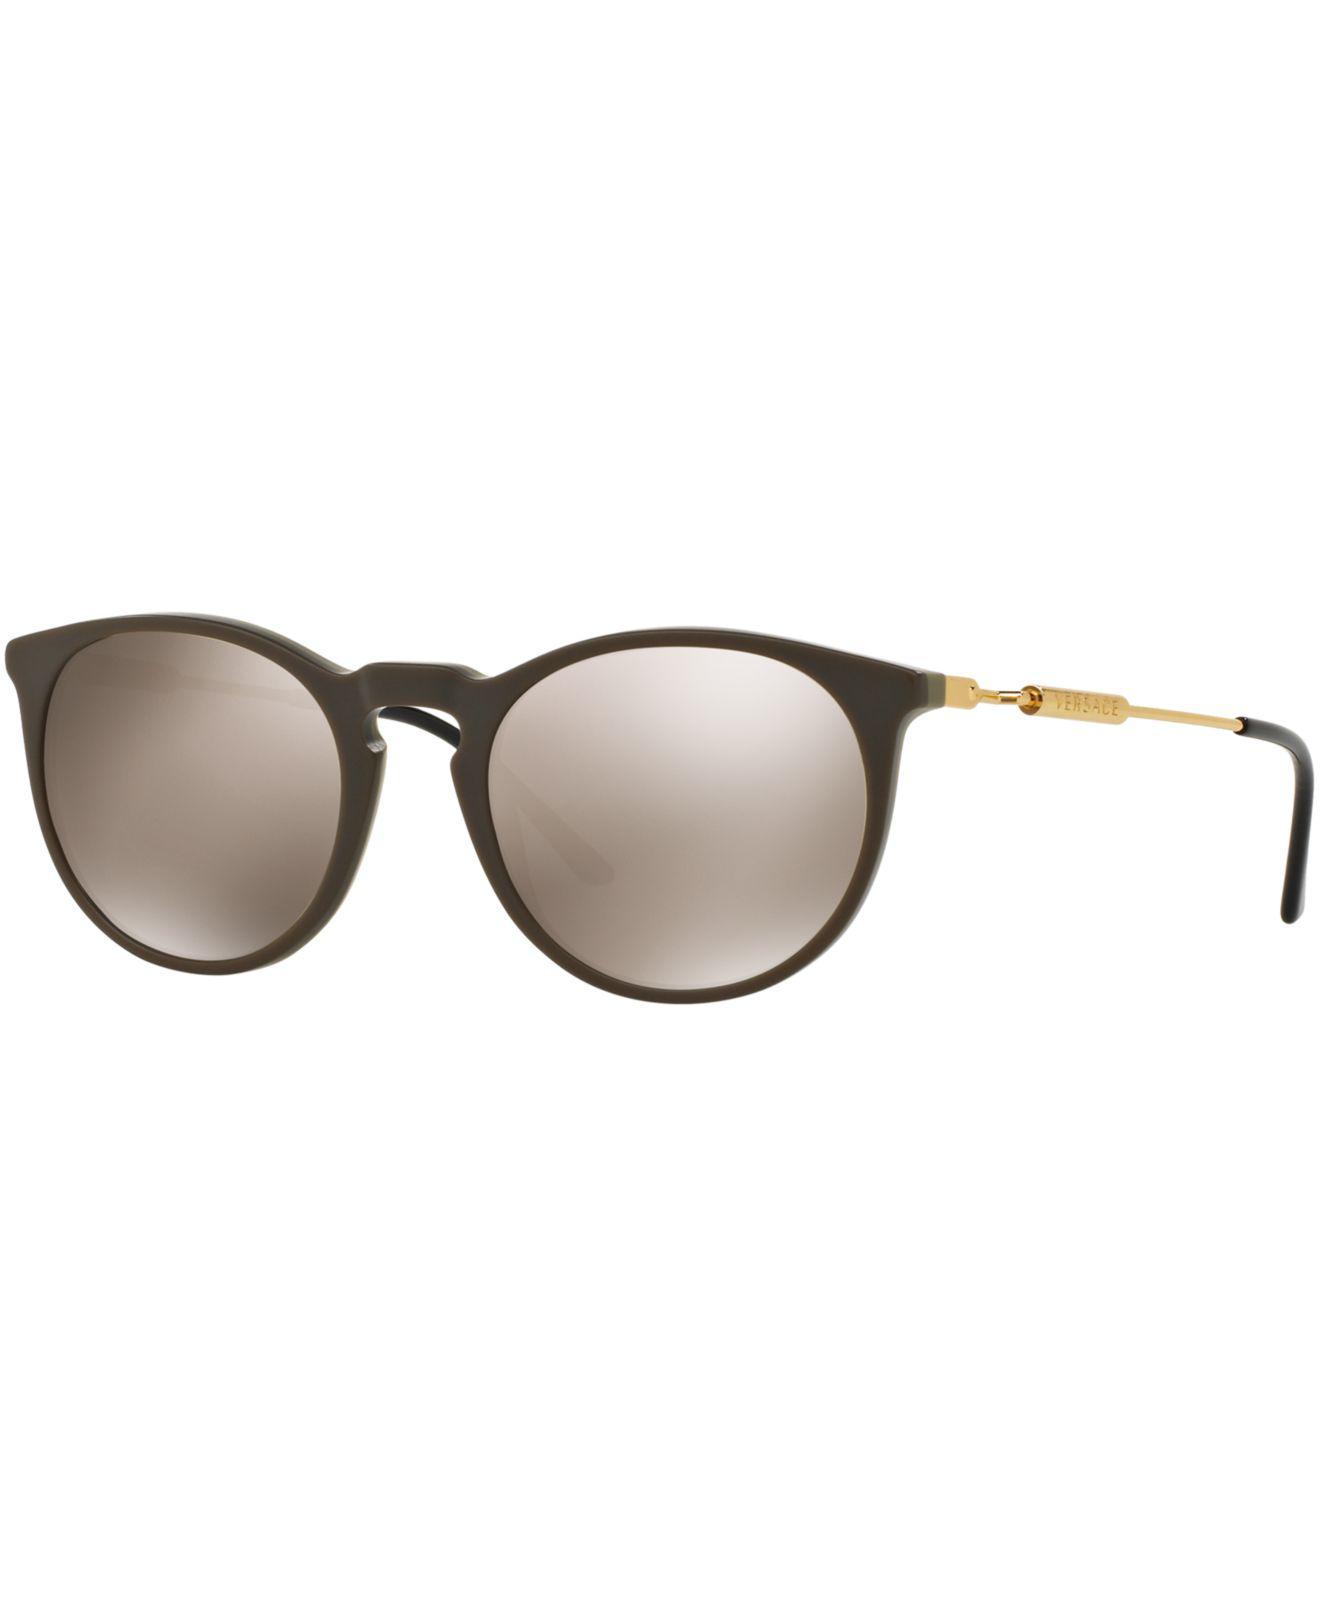 004e56cdaa12 Versace. Women s Brown Sunglasses ...